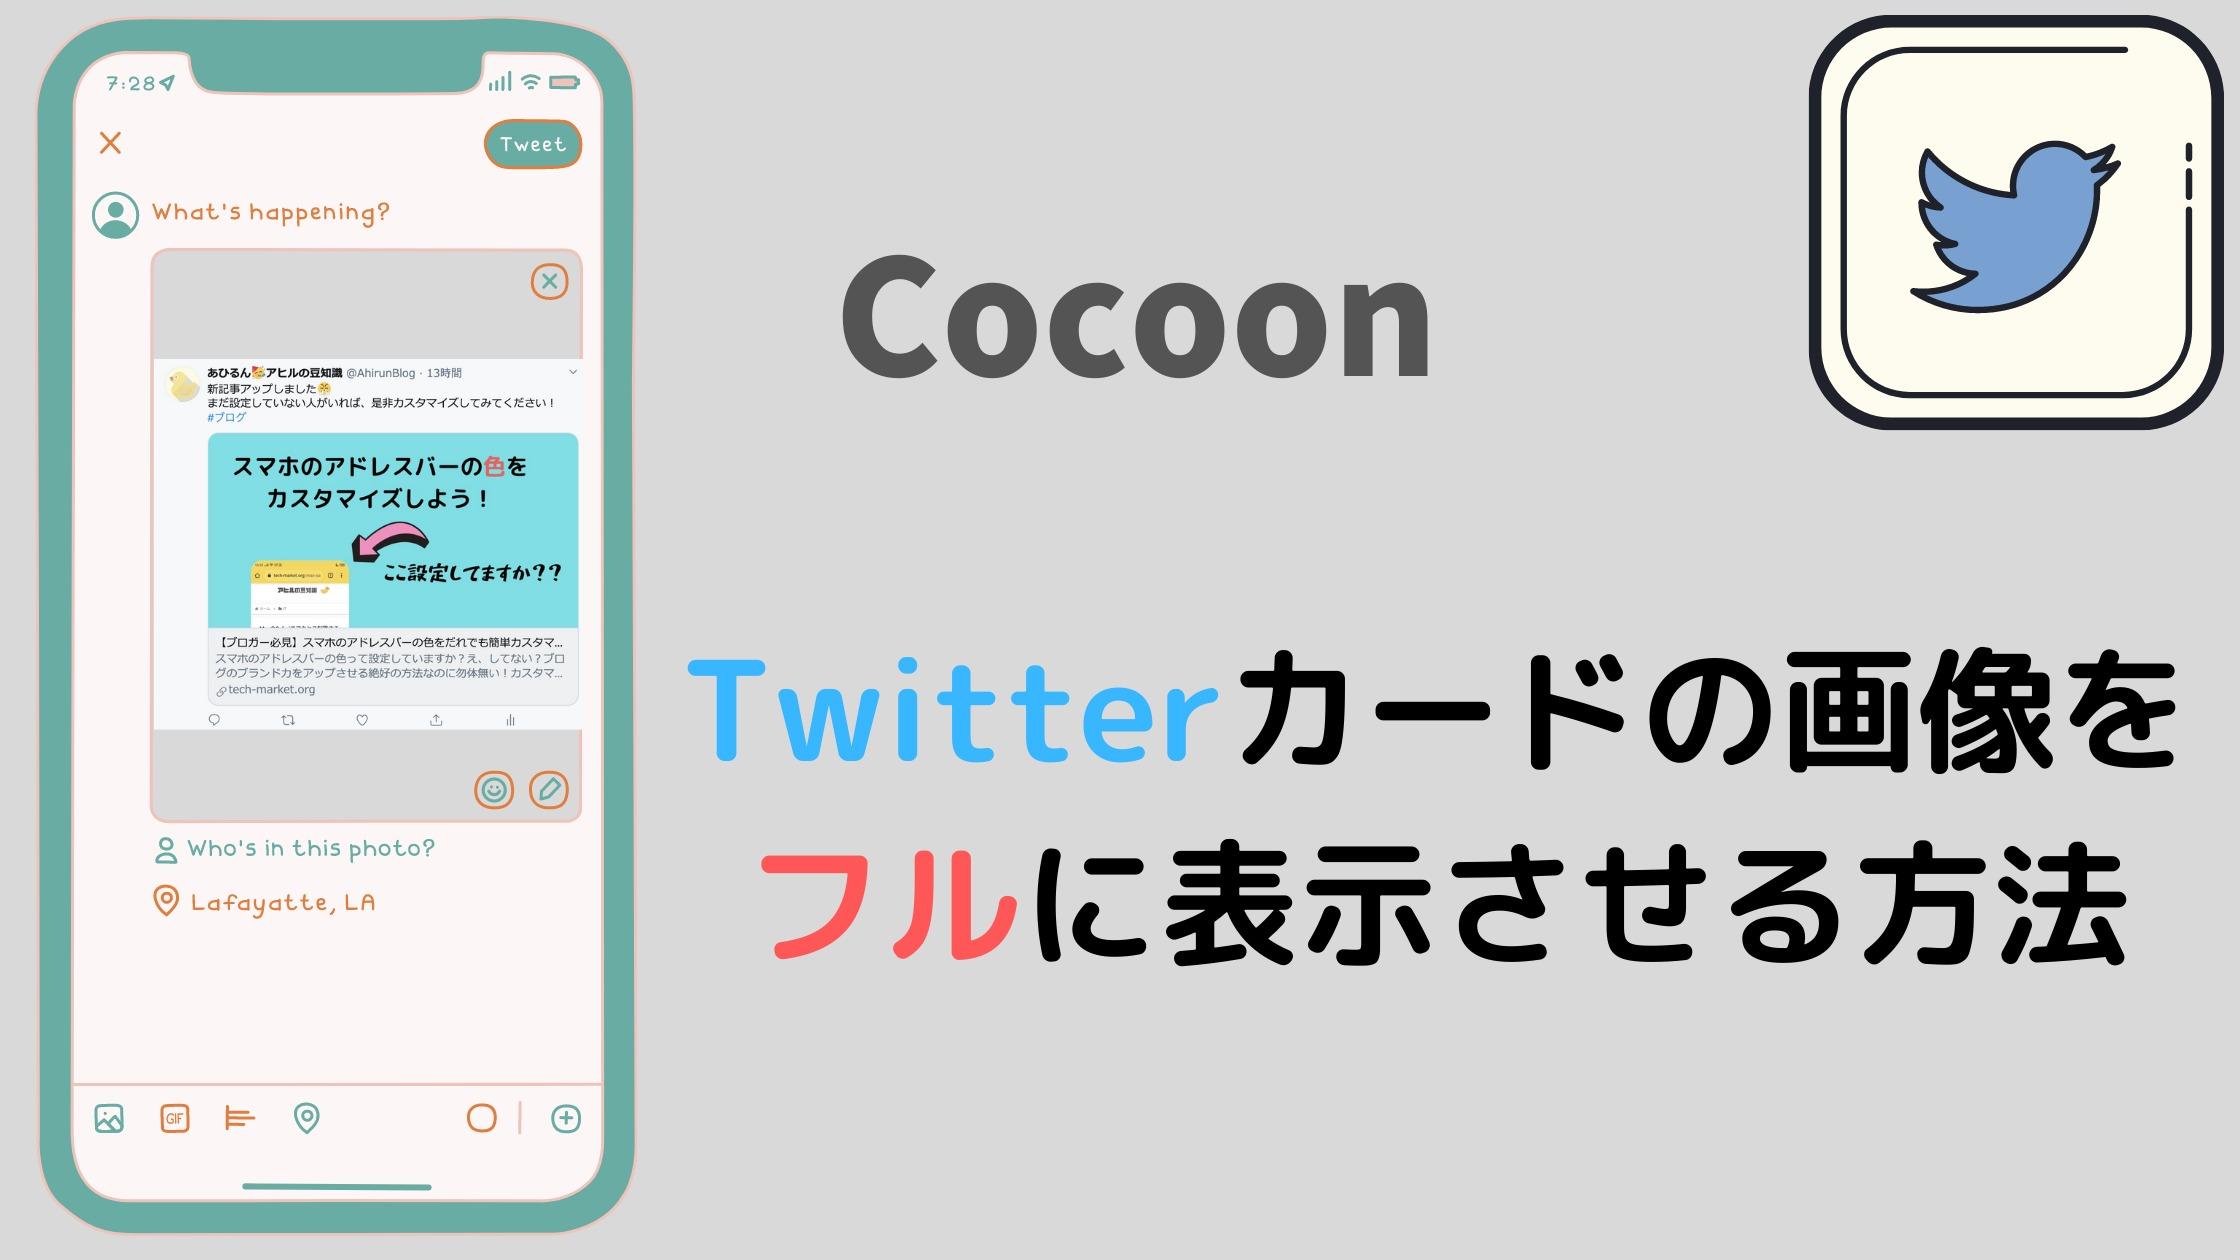 Twitterカードの画像をフルに表示させる方法のアイキャッチ